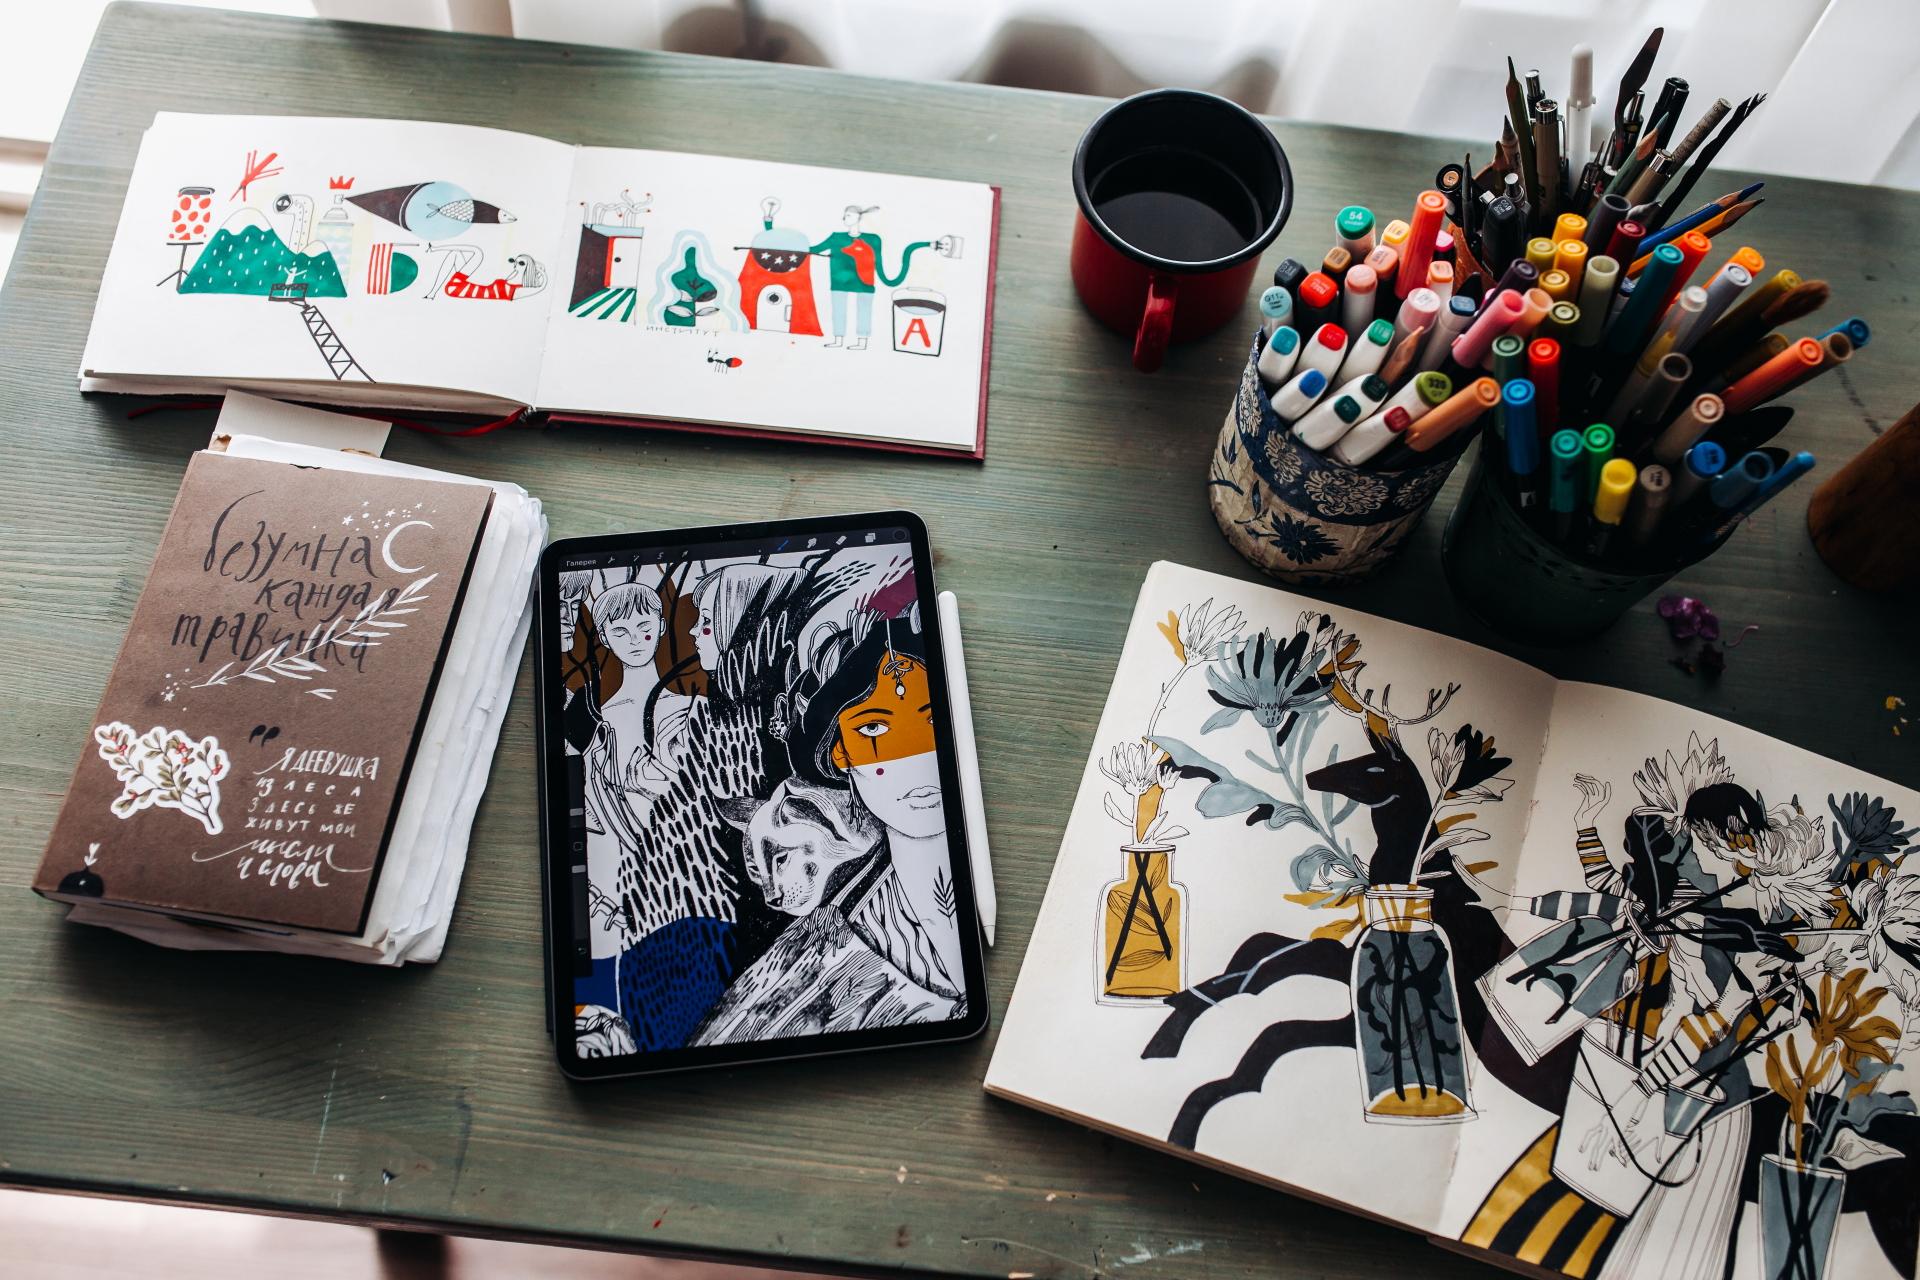 «У современных художников зрителей больше, чем у великих мастеров прошлых столетий», - утверждает Настя